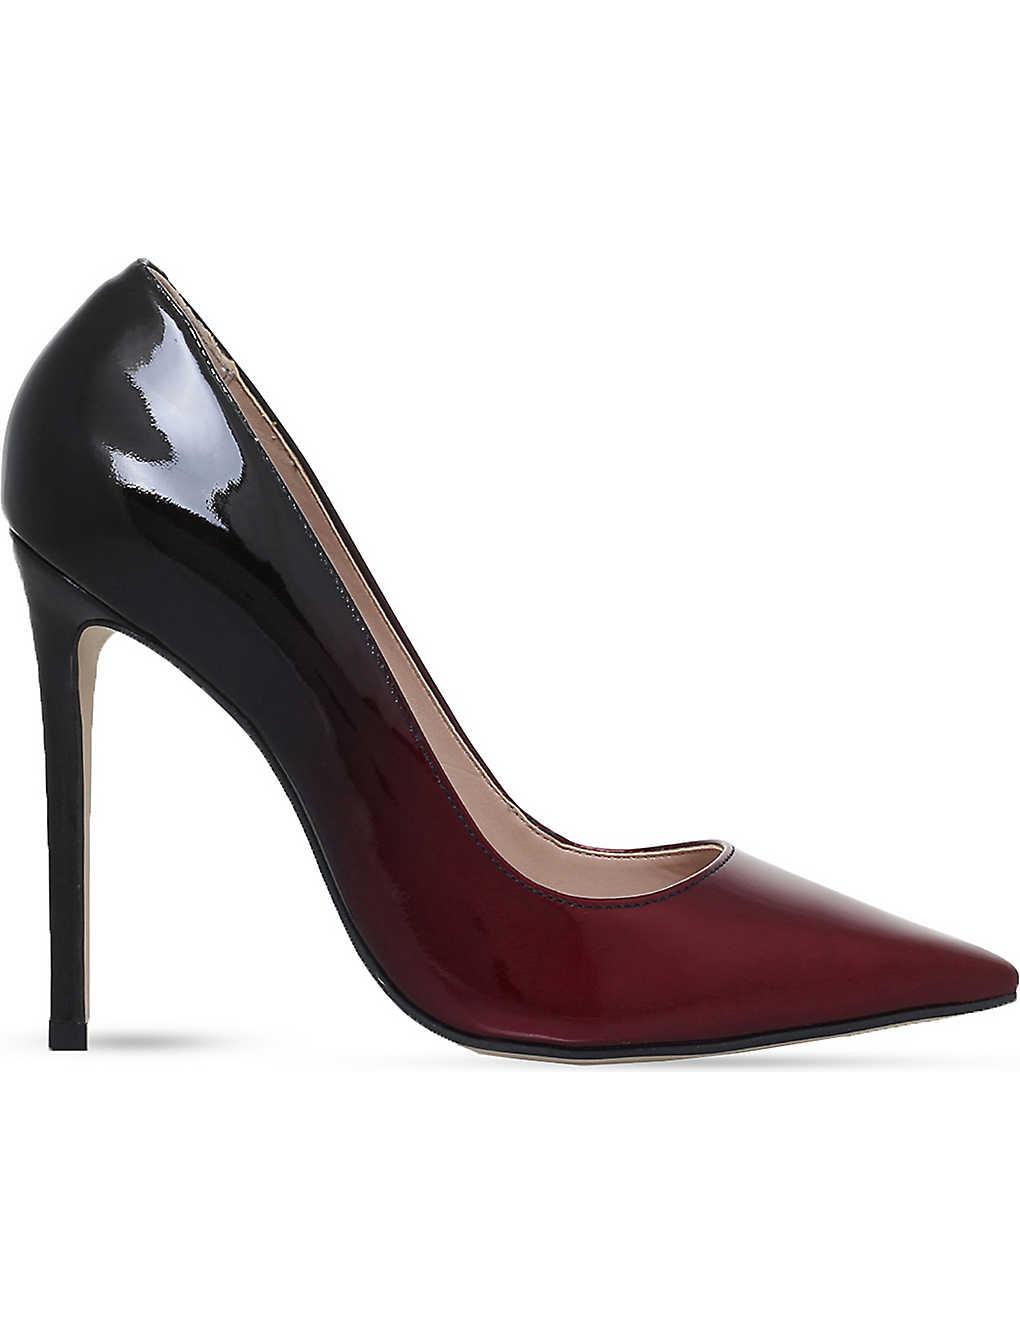 3cd8a01cd6 CARVELA - Alice patent leather ombré courts   Selfridges.com